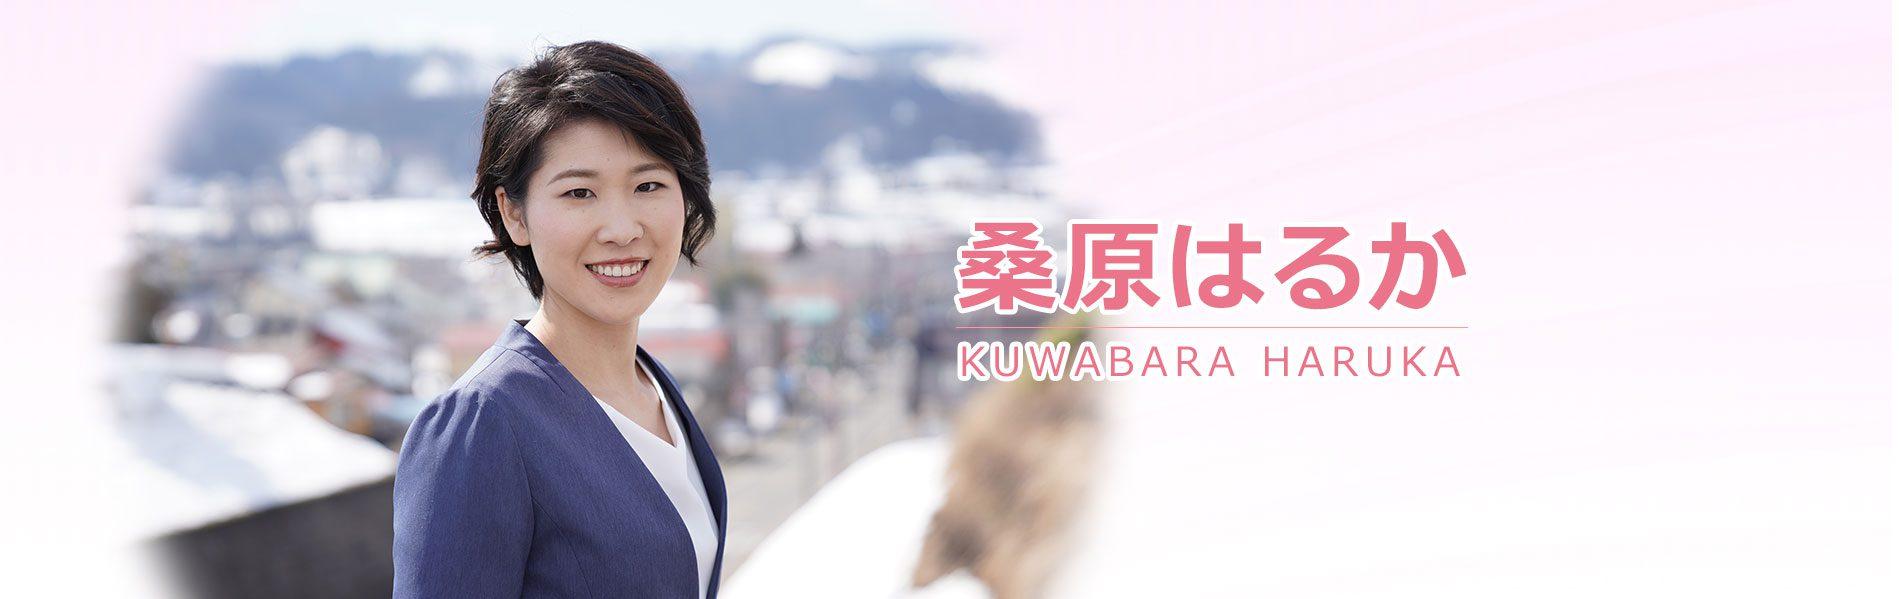 桑原はるか (KUWABARA HARUKA)